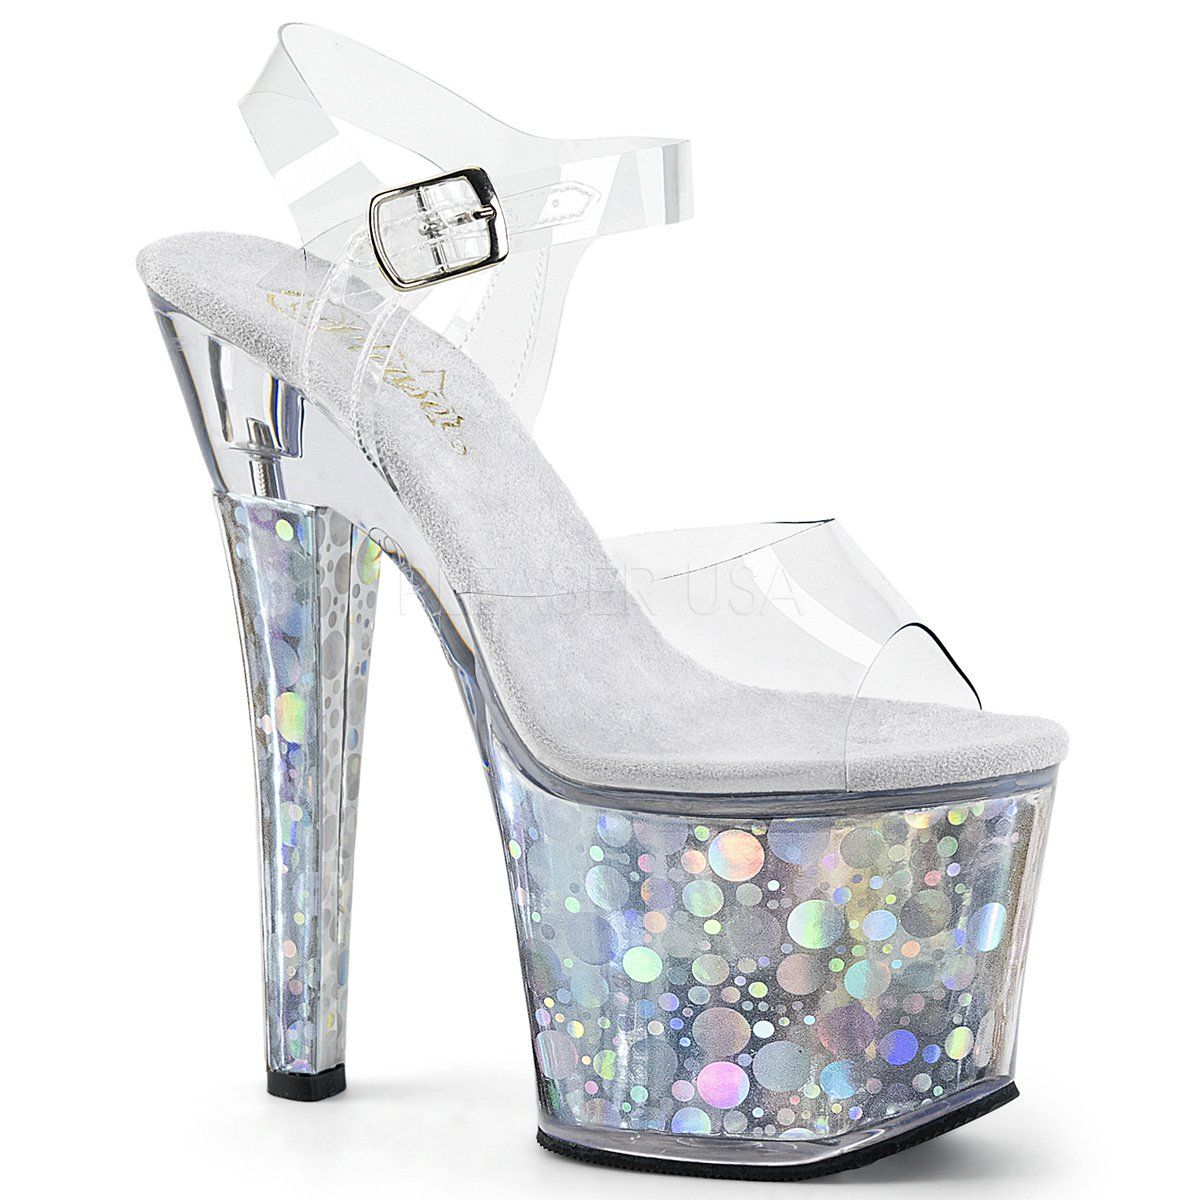 Pleaser Radiant 708T Ankle Strap Sandal (Women's) 1HinchX1